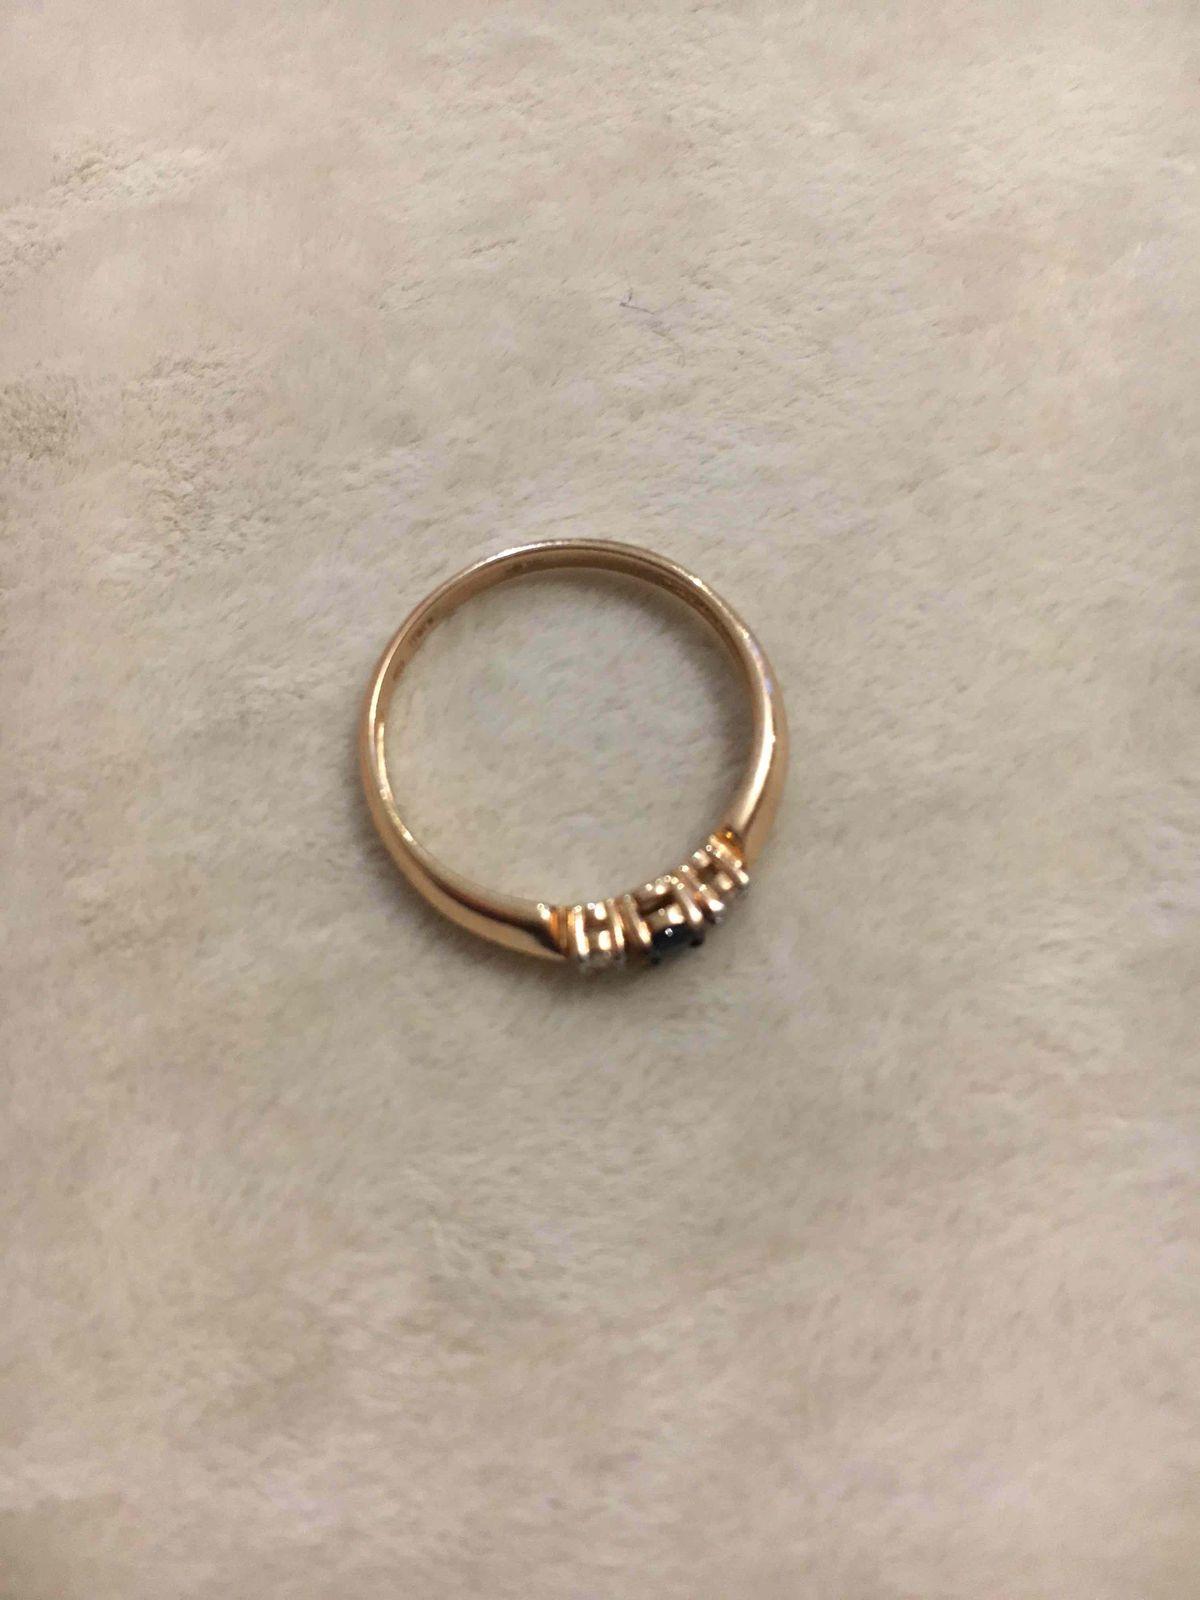 Очень красивое и элегантное кольцо. красивое сосетание цветов. Я довольна!!